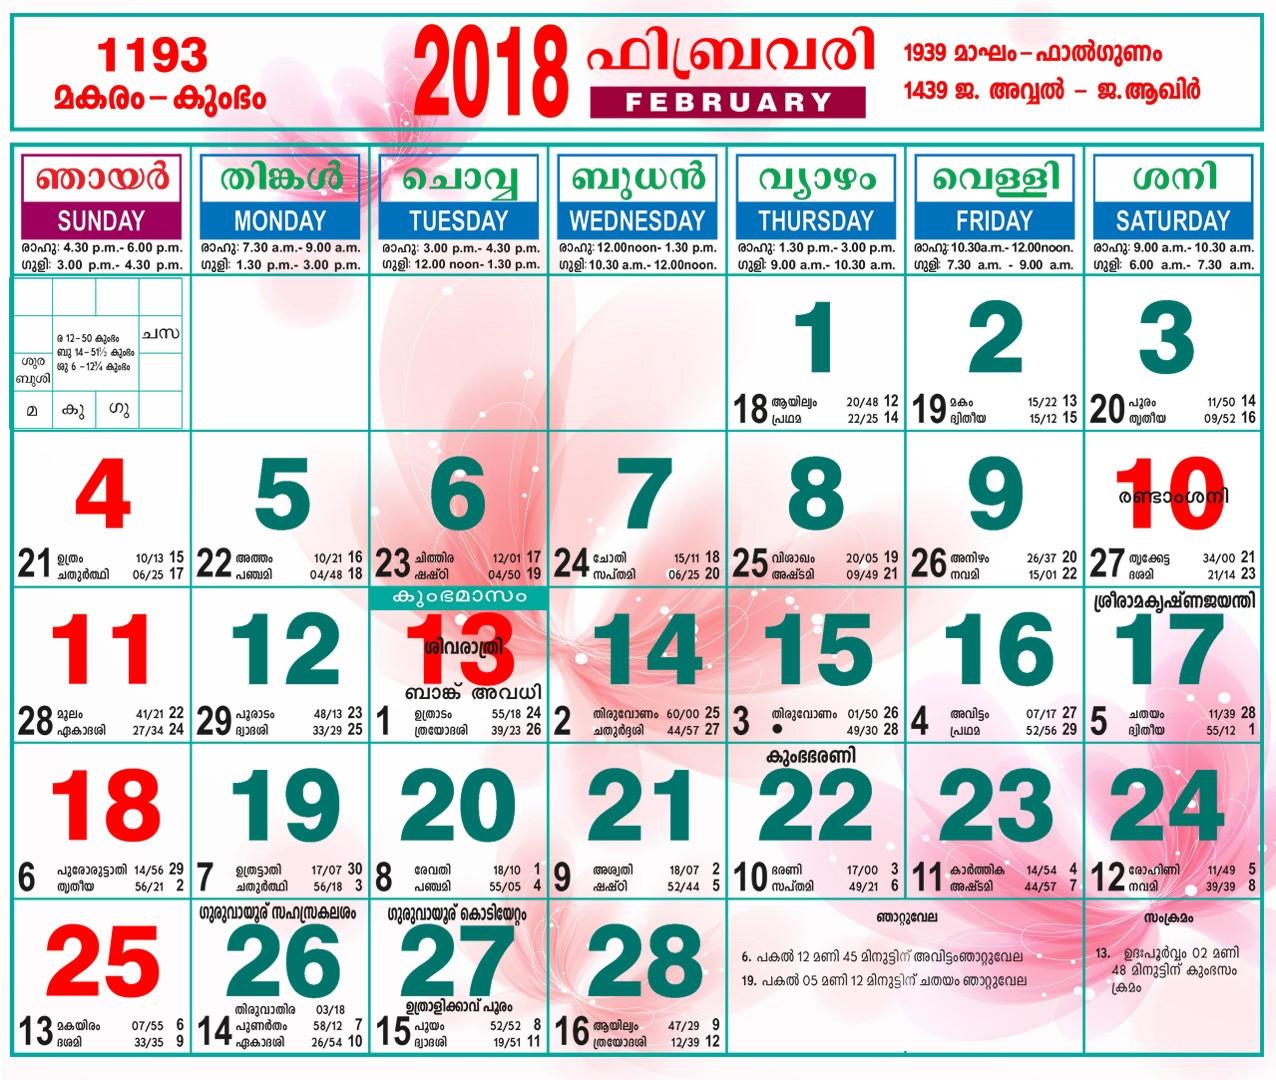 2018 Calendar February Malayalam January Cool Malayala Manorama